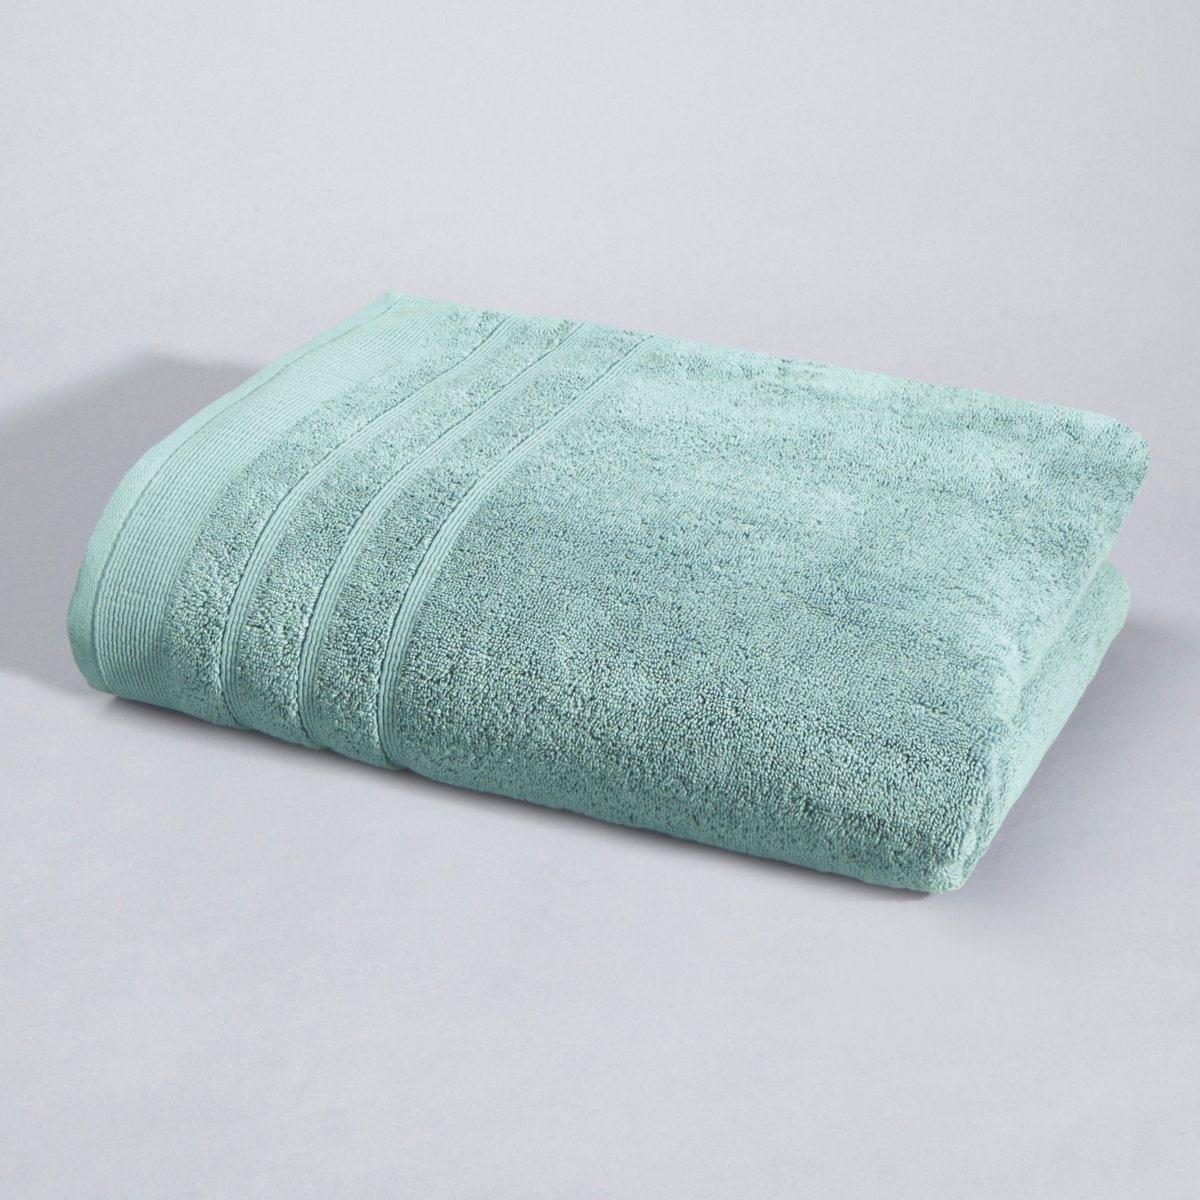 Полотенце банное 600 г/м?, Качество BestХарактеристики банного полотенца :Качество BEST.Махровая ткань 100 % хлопка.Машинная стирка при 60°.Размеры банного полотенца:70 x 140 см.<br><br>Цвет: бежевый,зеленый мох,розовая пудра,светло-синий,Серо-синий,синий морской,фиолетовый,шафран<br>Размер: 70 x 140 см